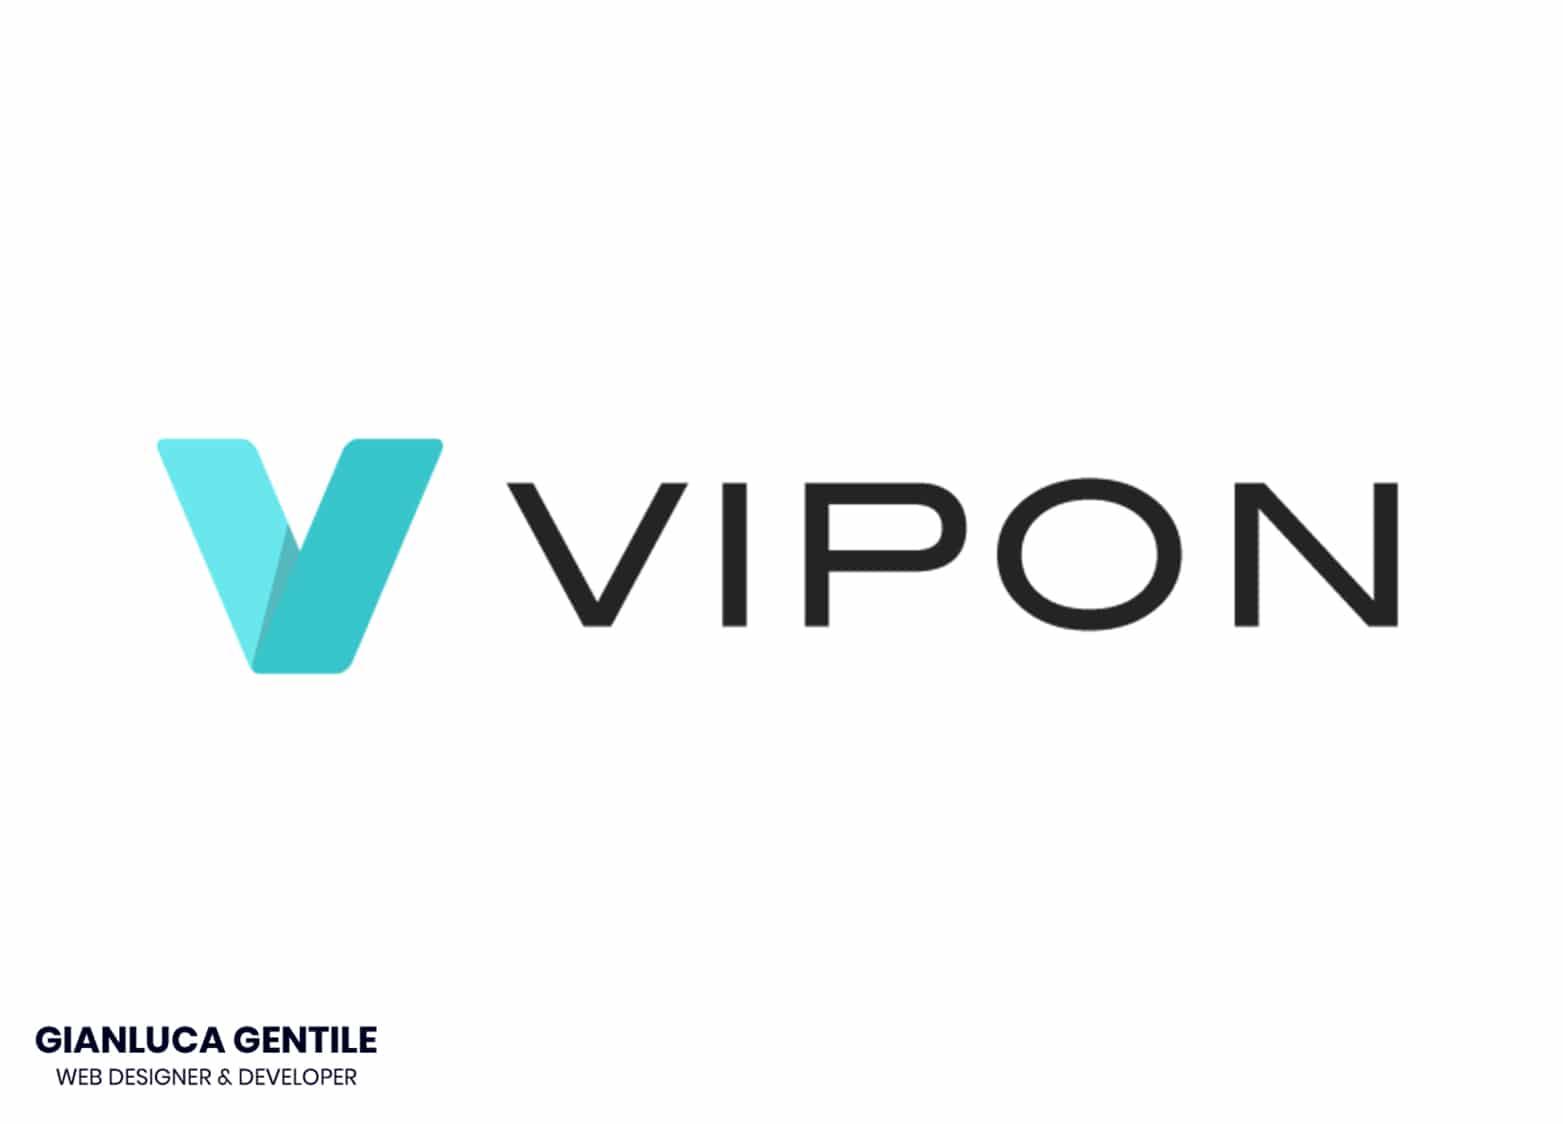 Gianluca Gentile Vipon risparmia su Amazon Gianluca Gentile 21 Agosto 2018